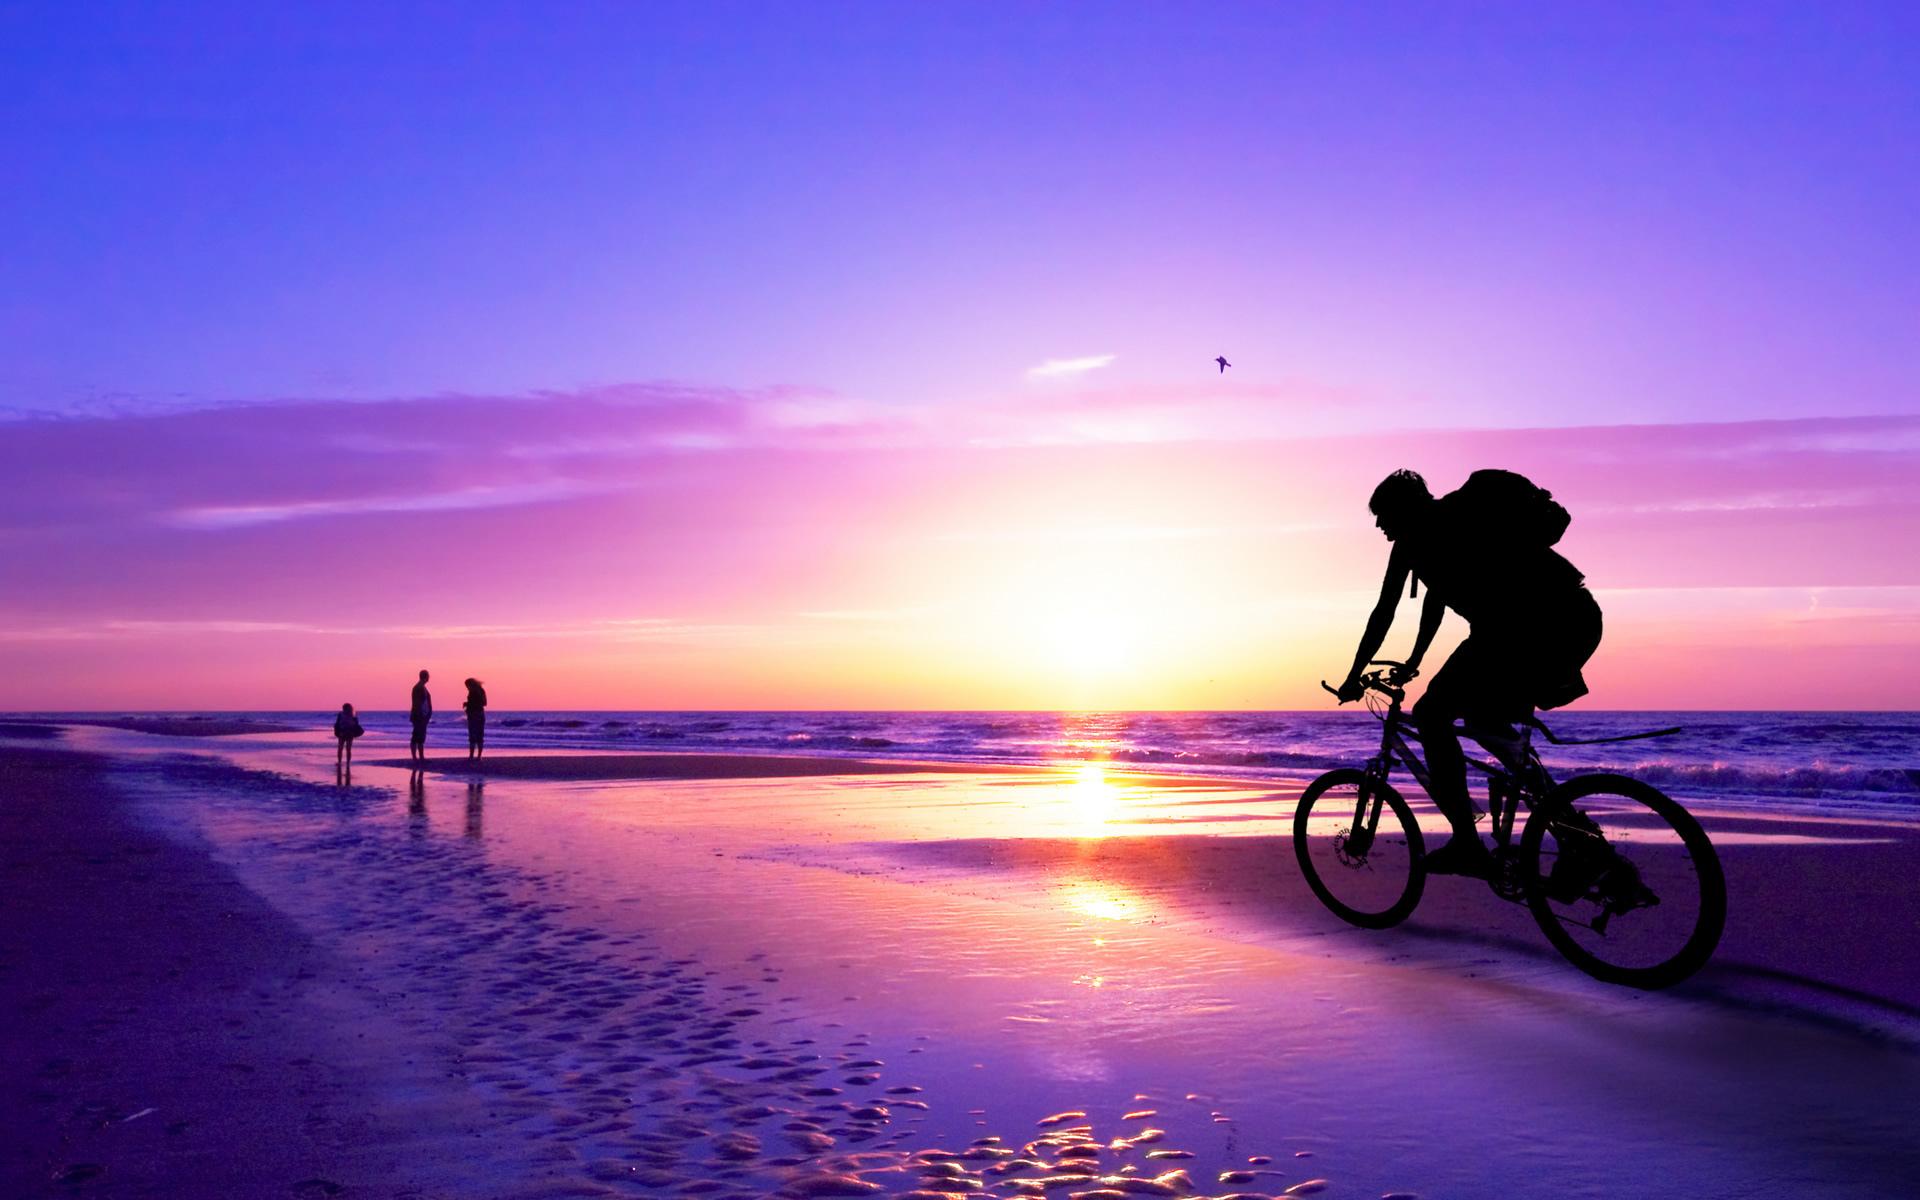 Recorriendo en bicicleta - 1920x1200